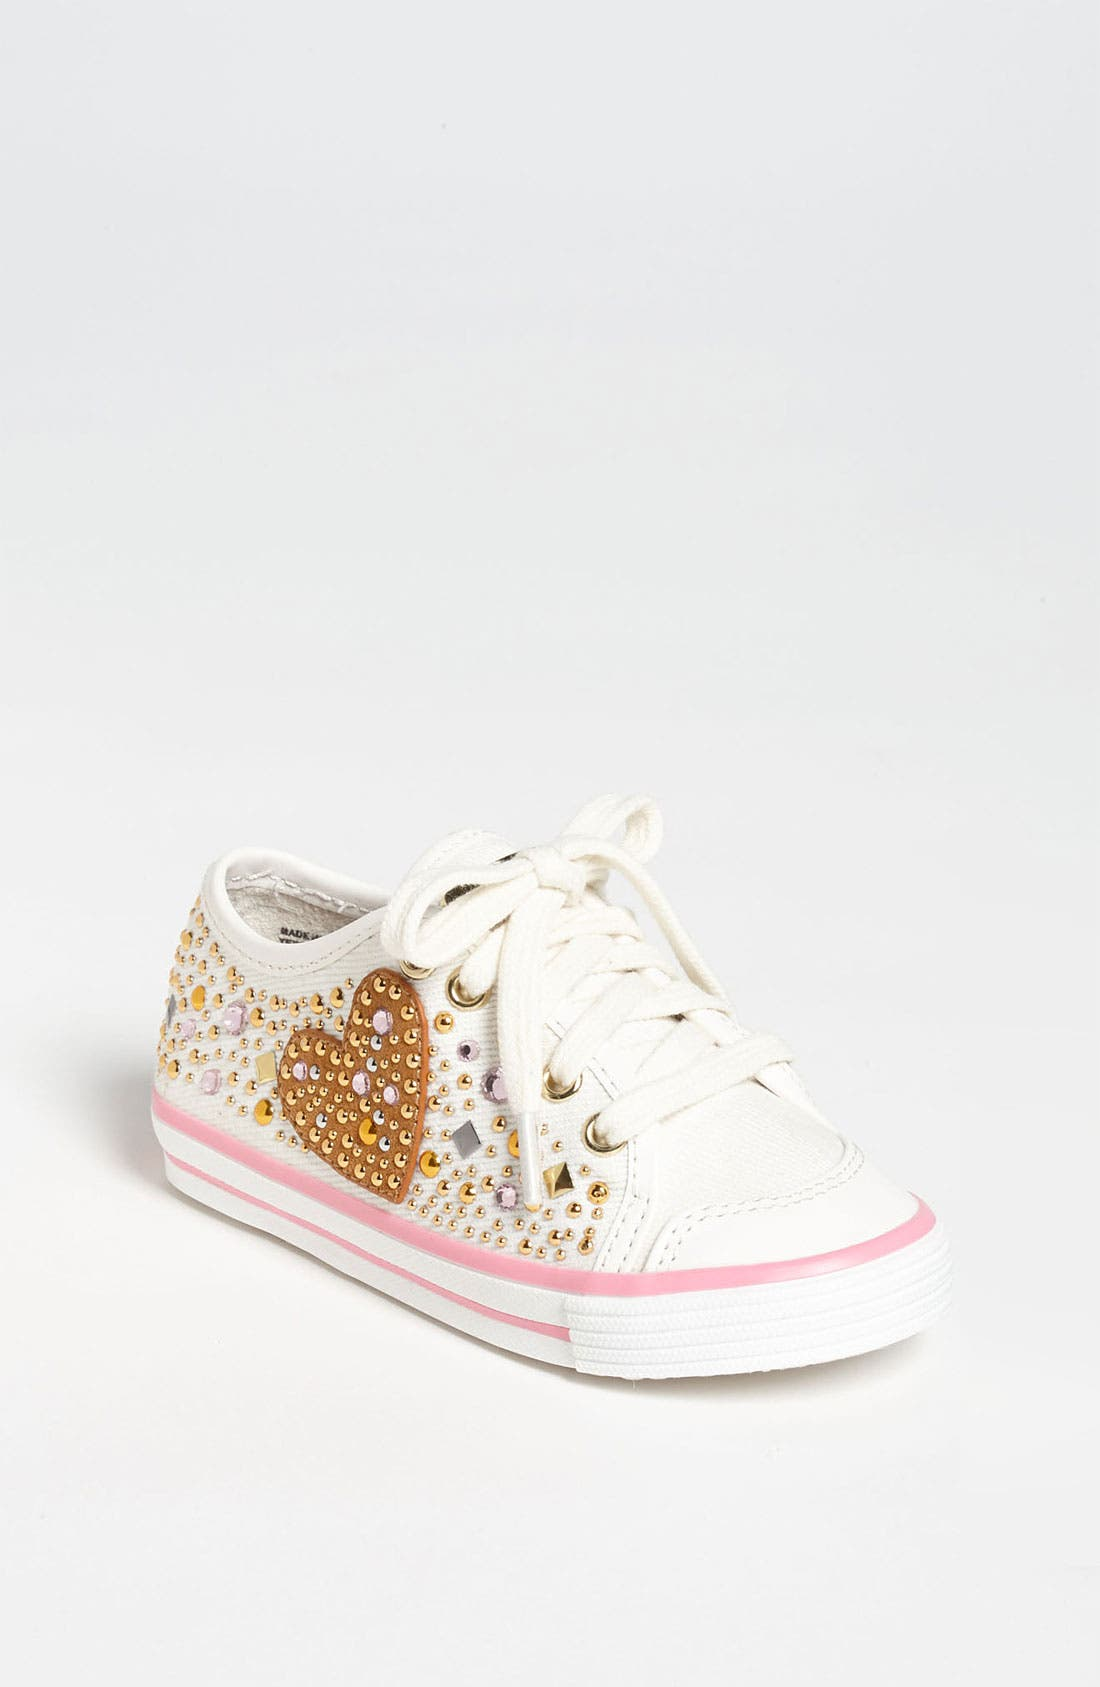 Main Image - KORS Michael Kors 'Firecracker' Sneaker (Toddler)